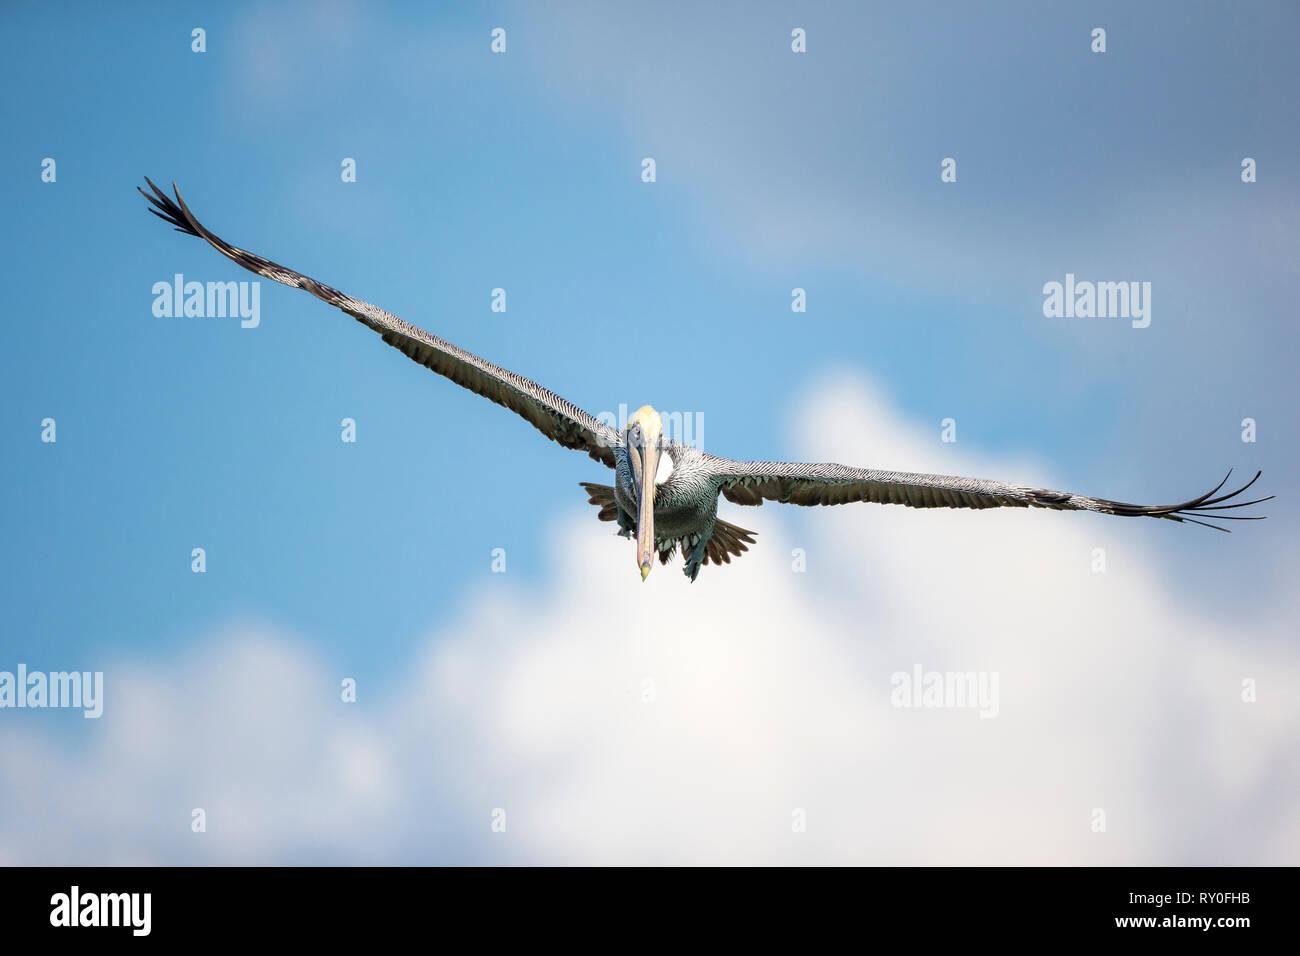 Ein Pelikan fliegt mit ausbreiteten Fluegeln bei THEMENBILD Florida, 06.02.2017 Bildnachweis: Mario Hommes / HH-Photography Stock Photo